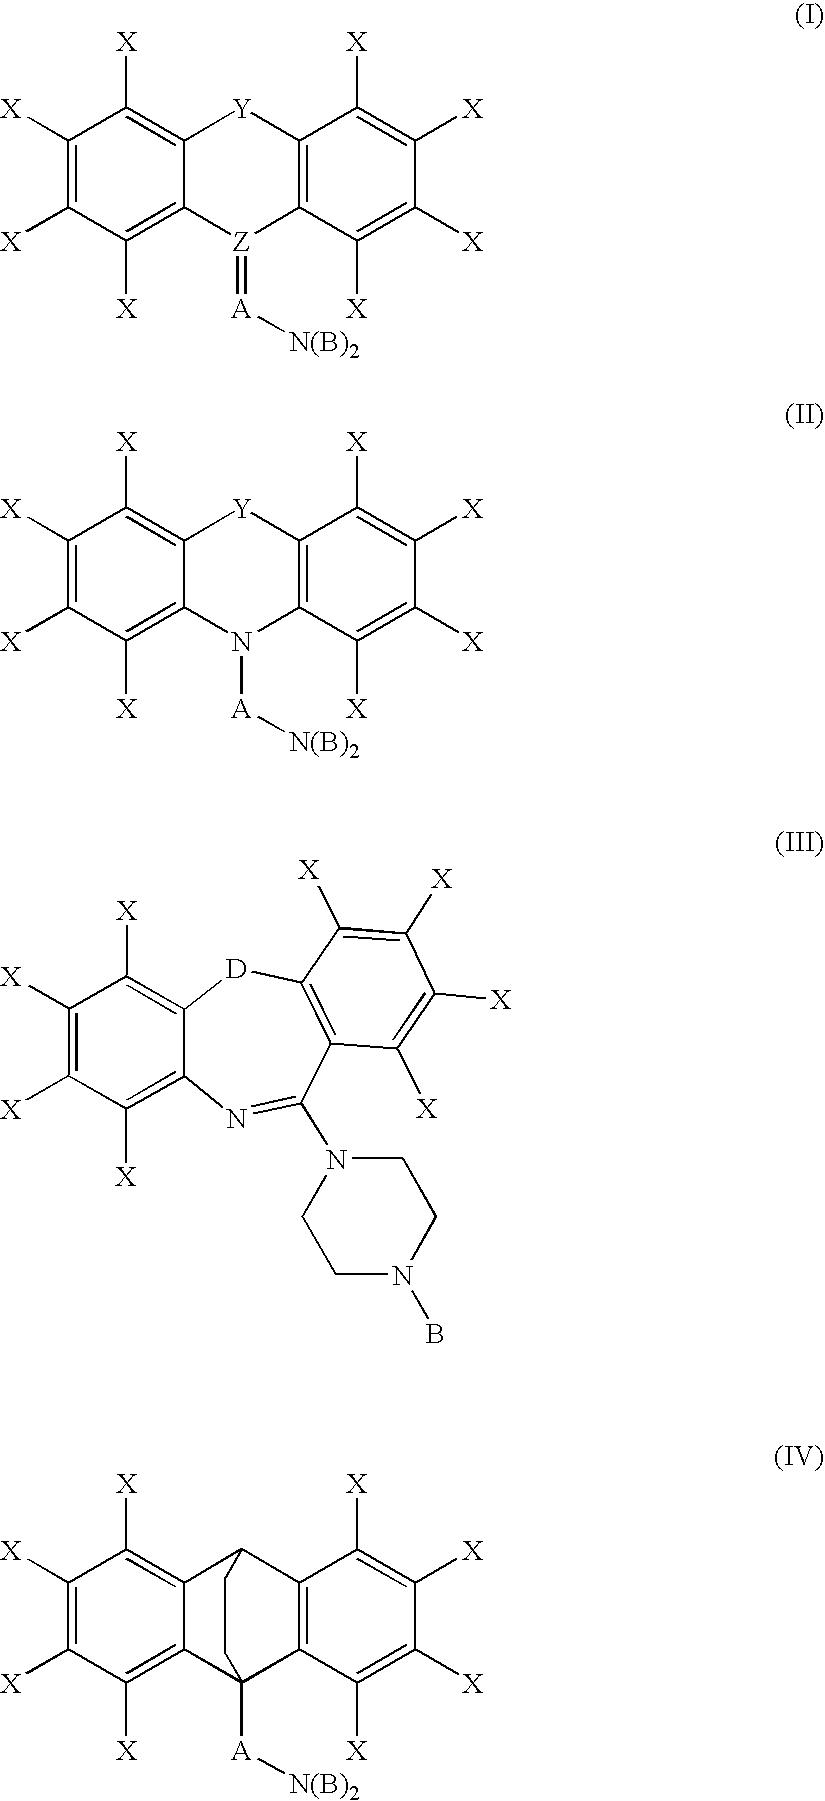 Figure US20070299043A1-20071227-C00018